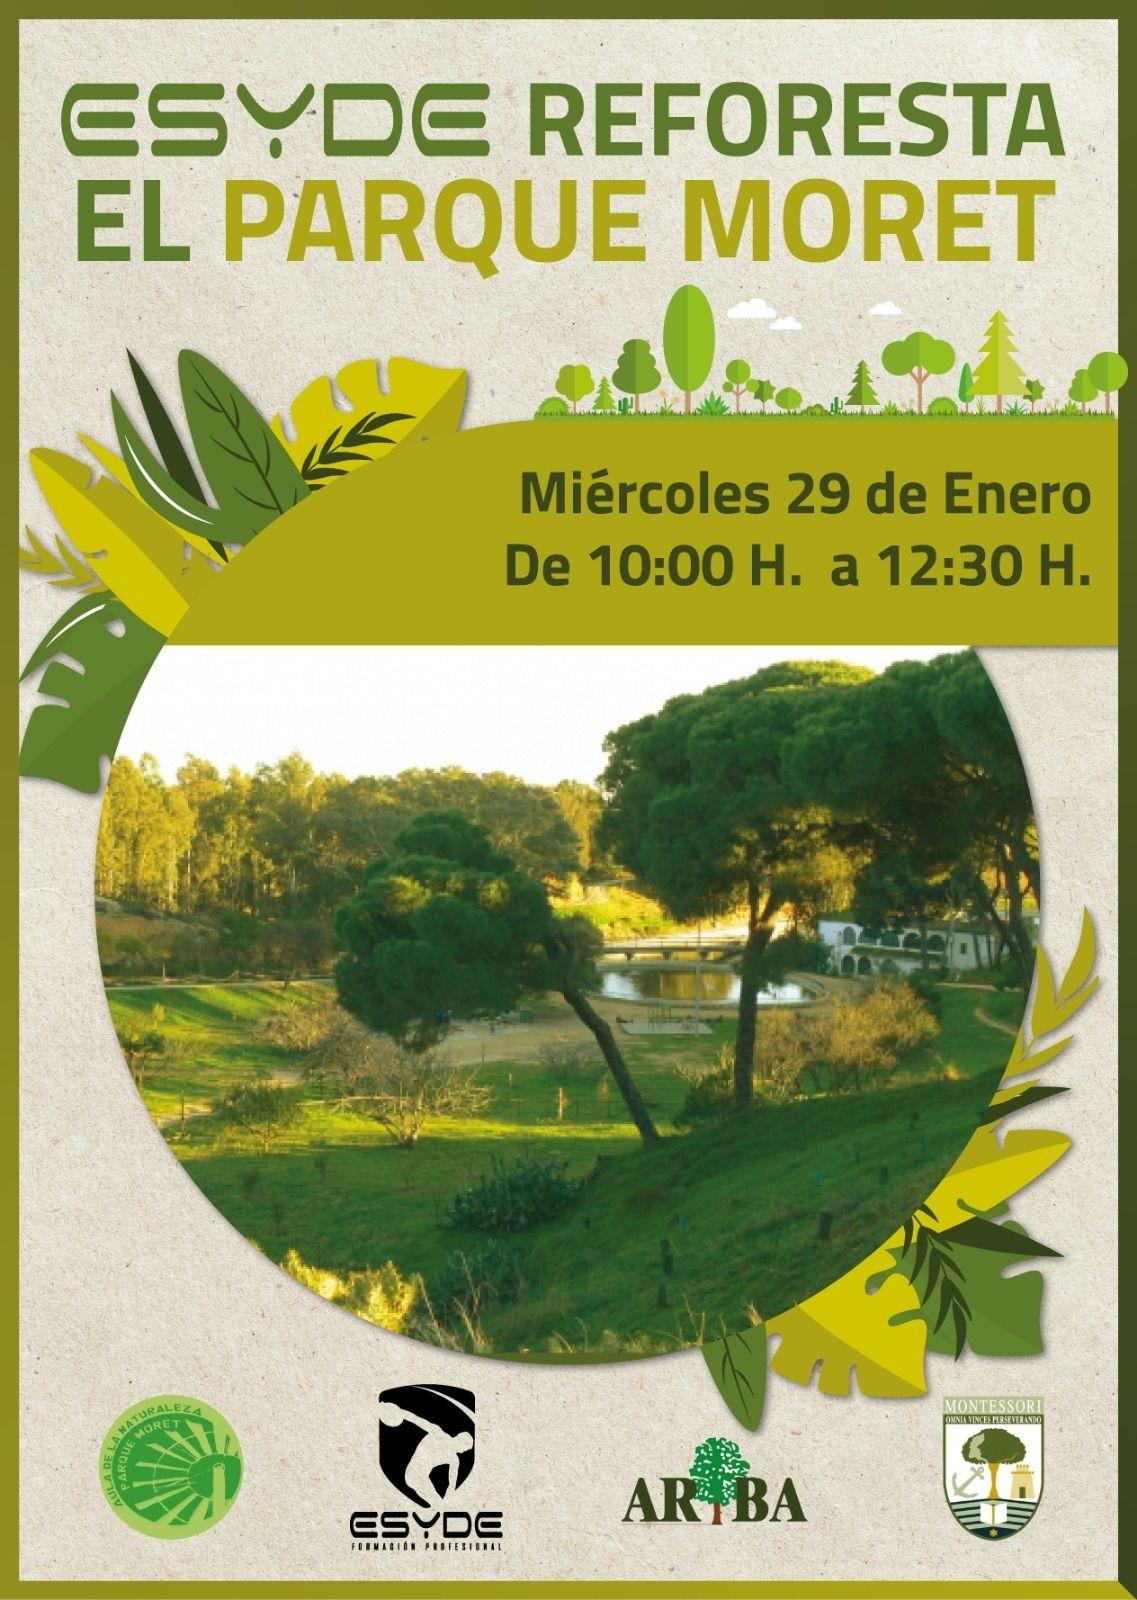 ¡ESYDE reforesta el Parque Moret!